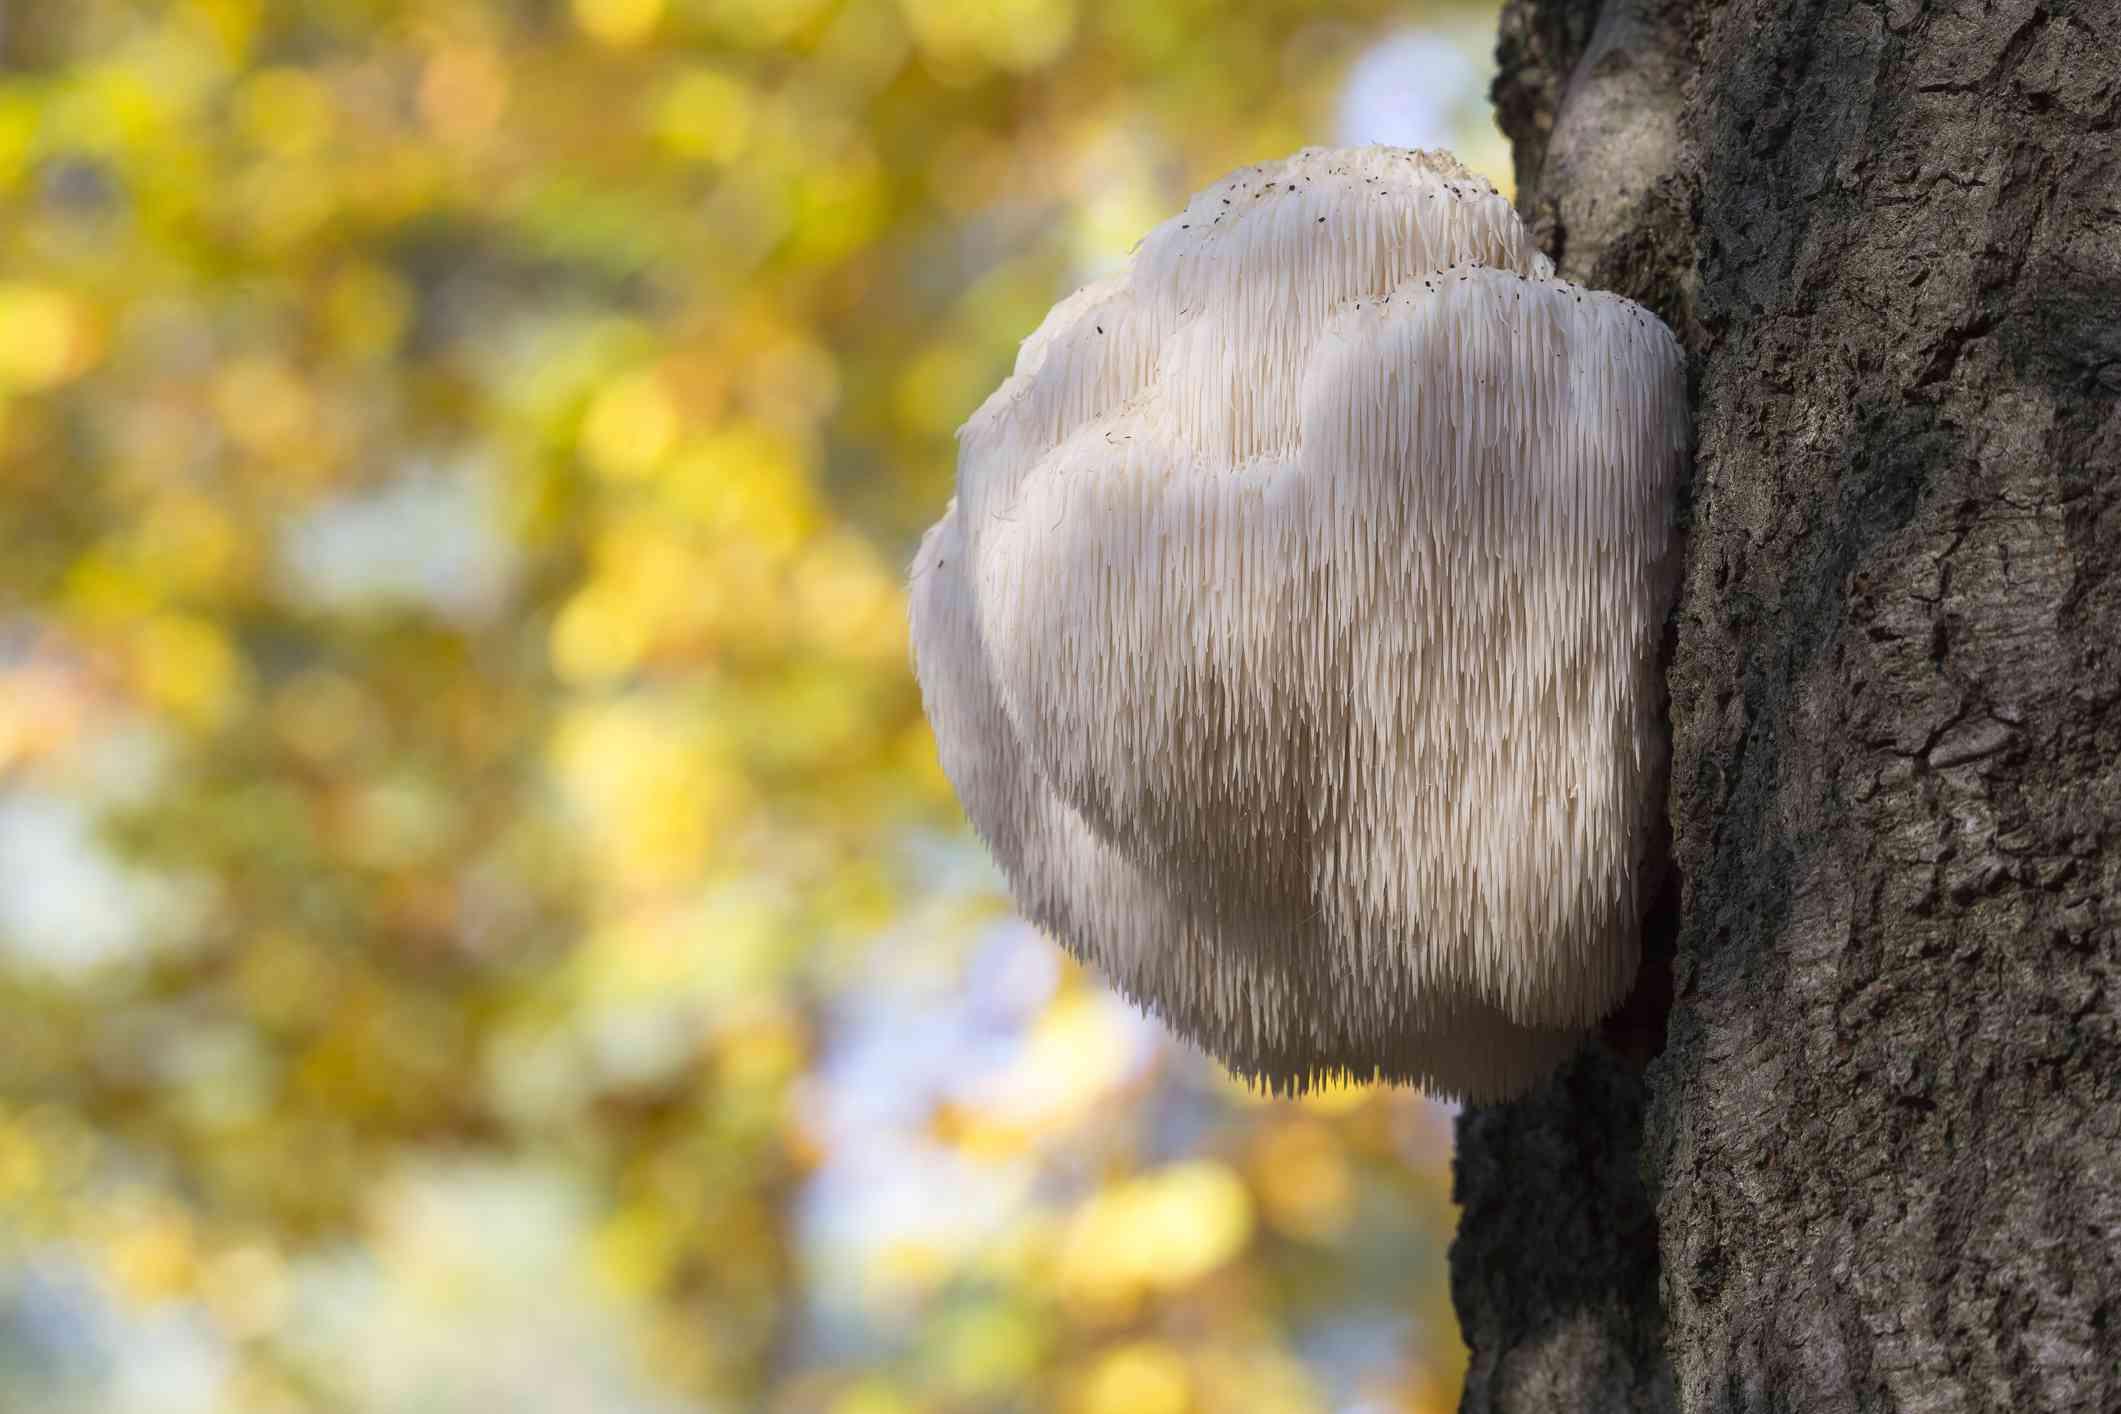 Lion's mane mushroom growing on a tree